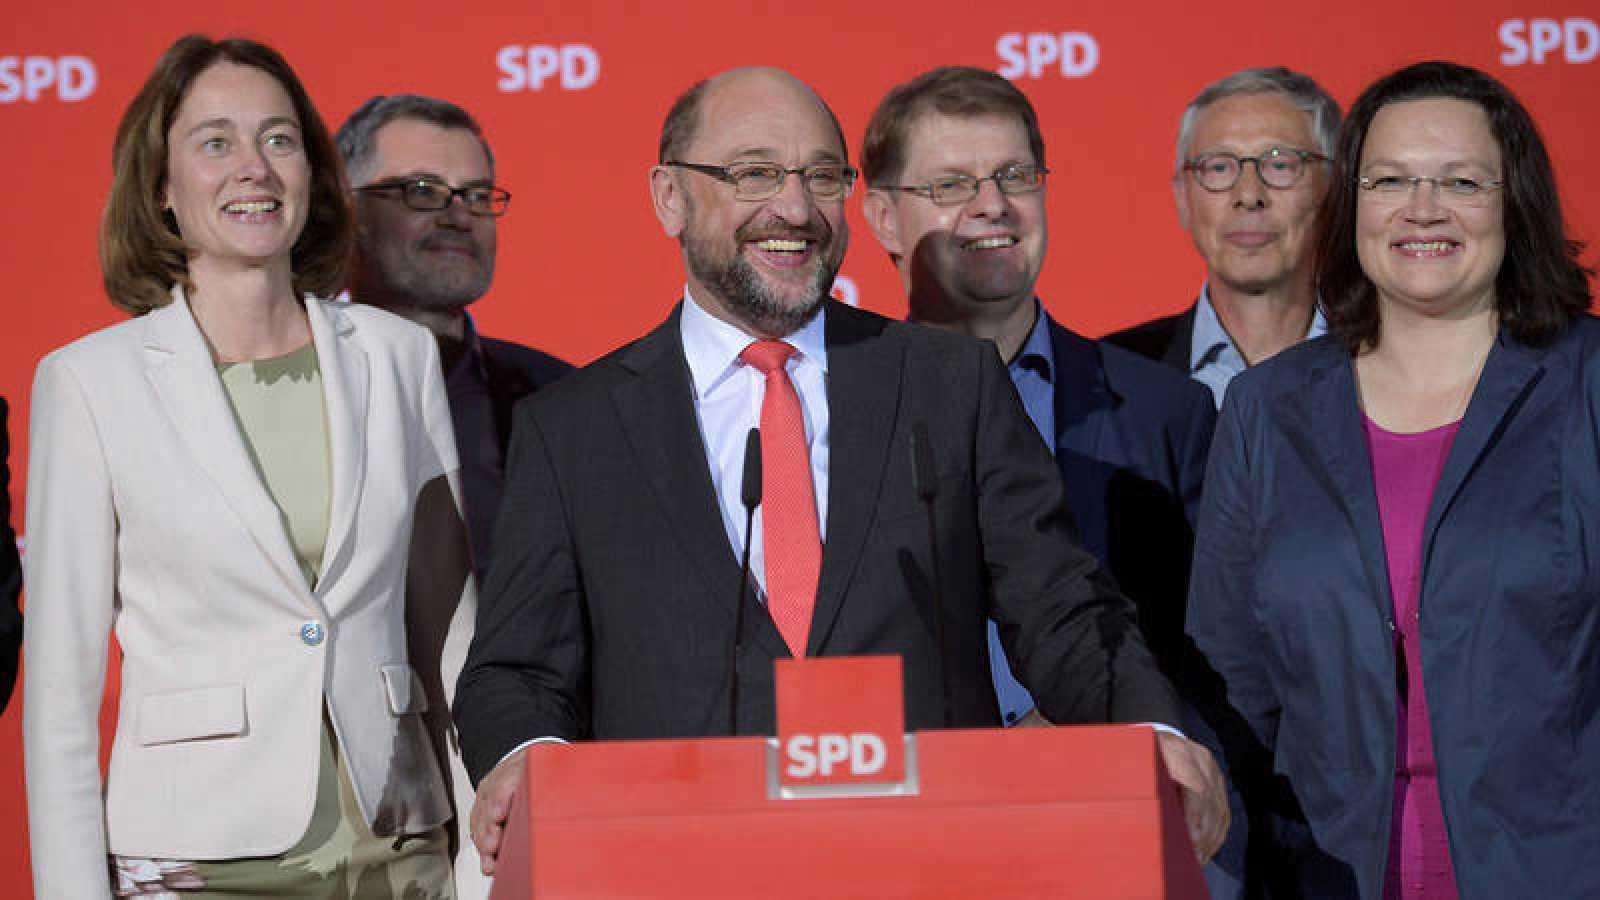 El líder del Partido Socialdemócrata alemán (SPD), Martin Schulz, reacciona a los resultados de su partido en las elecciones de Baja Sajonia